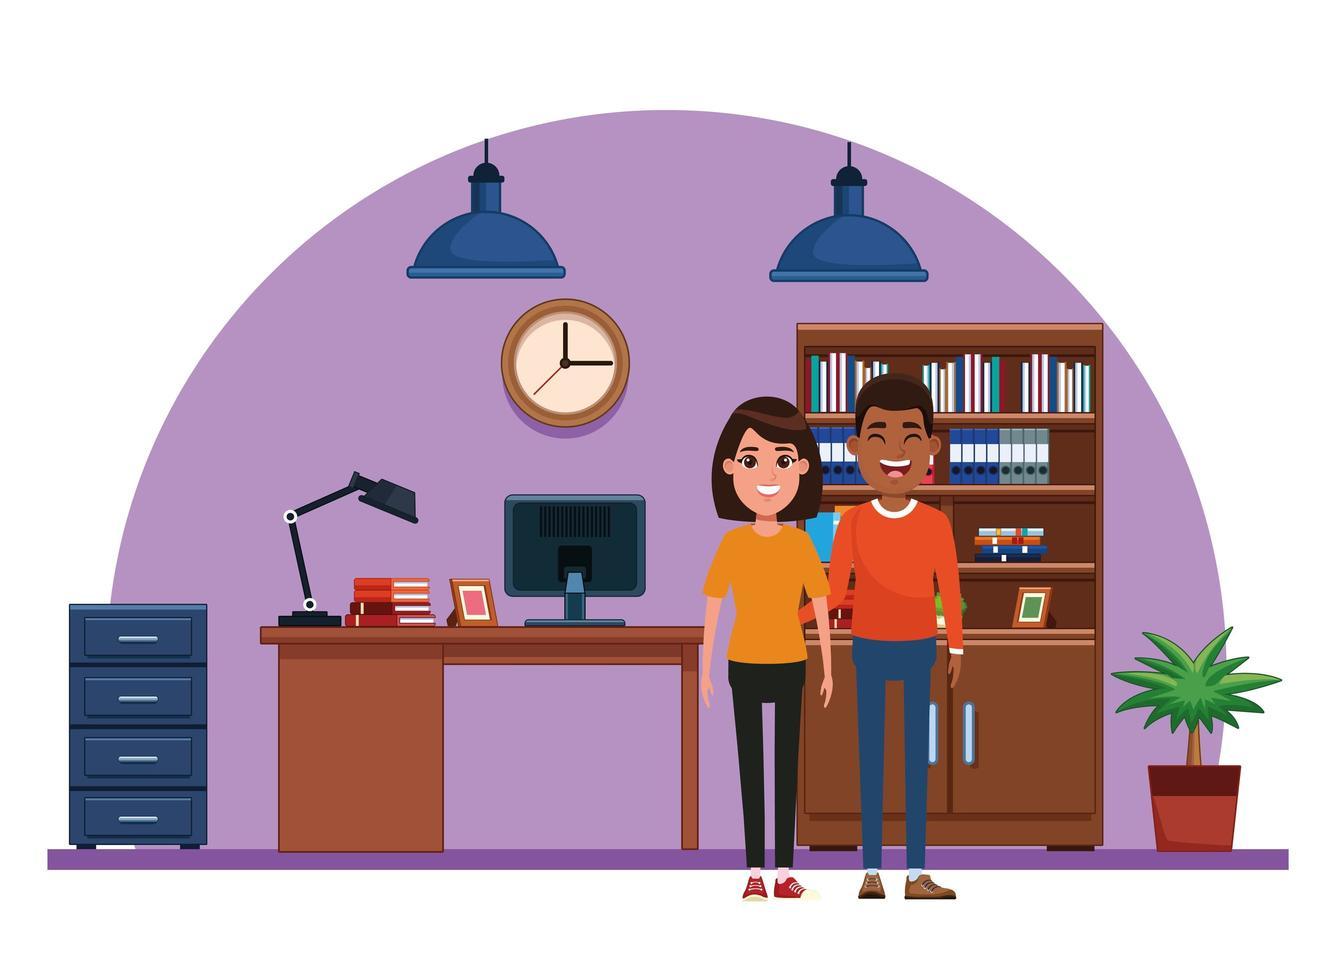 coppia avatar personaggio dei cartoni animati ritratto vettore